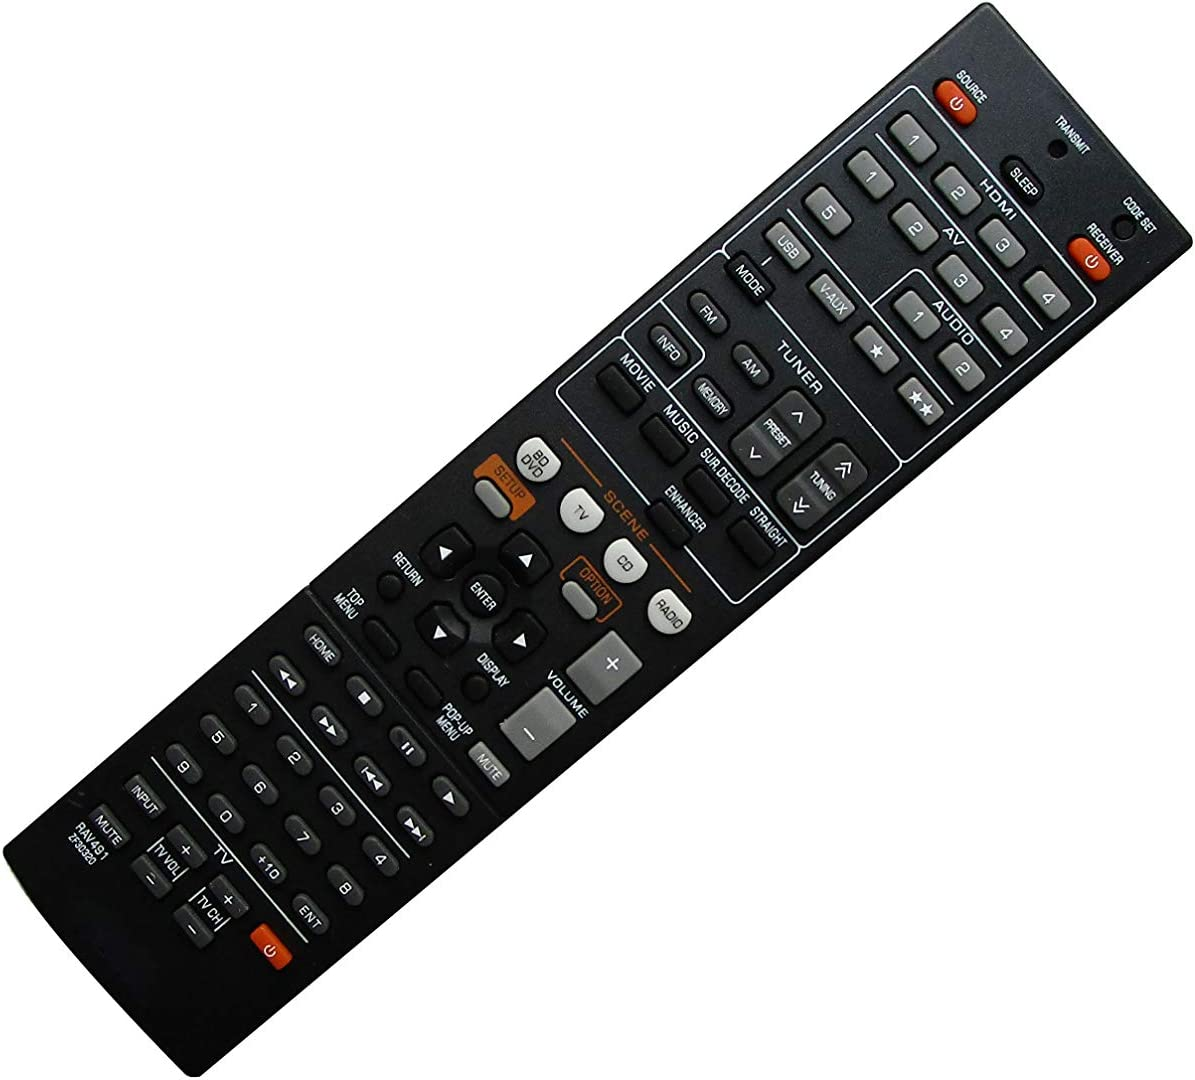 Remote Control for Yamaha Columbus Mall 4 years warranty RAV463 RAV491 ZA113500 ZF303200 RX-V37